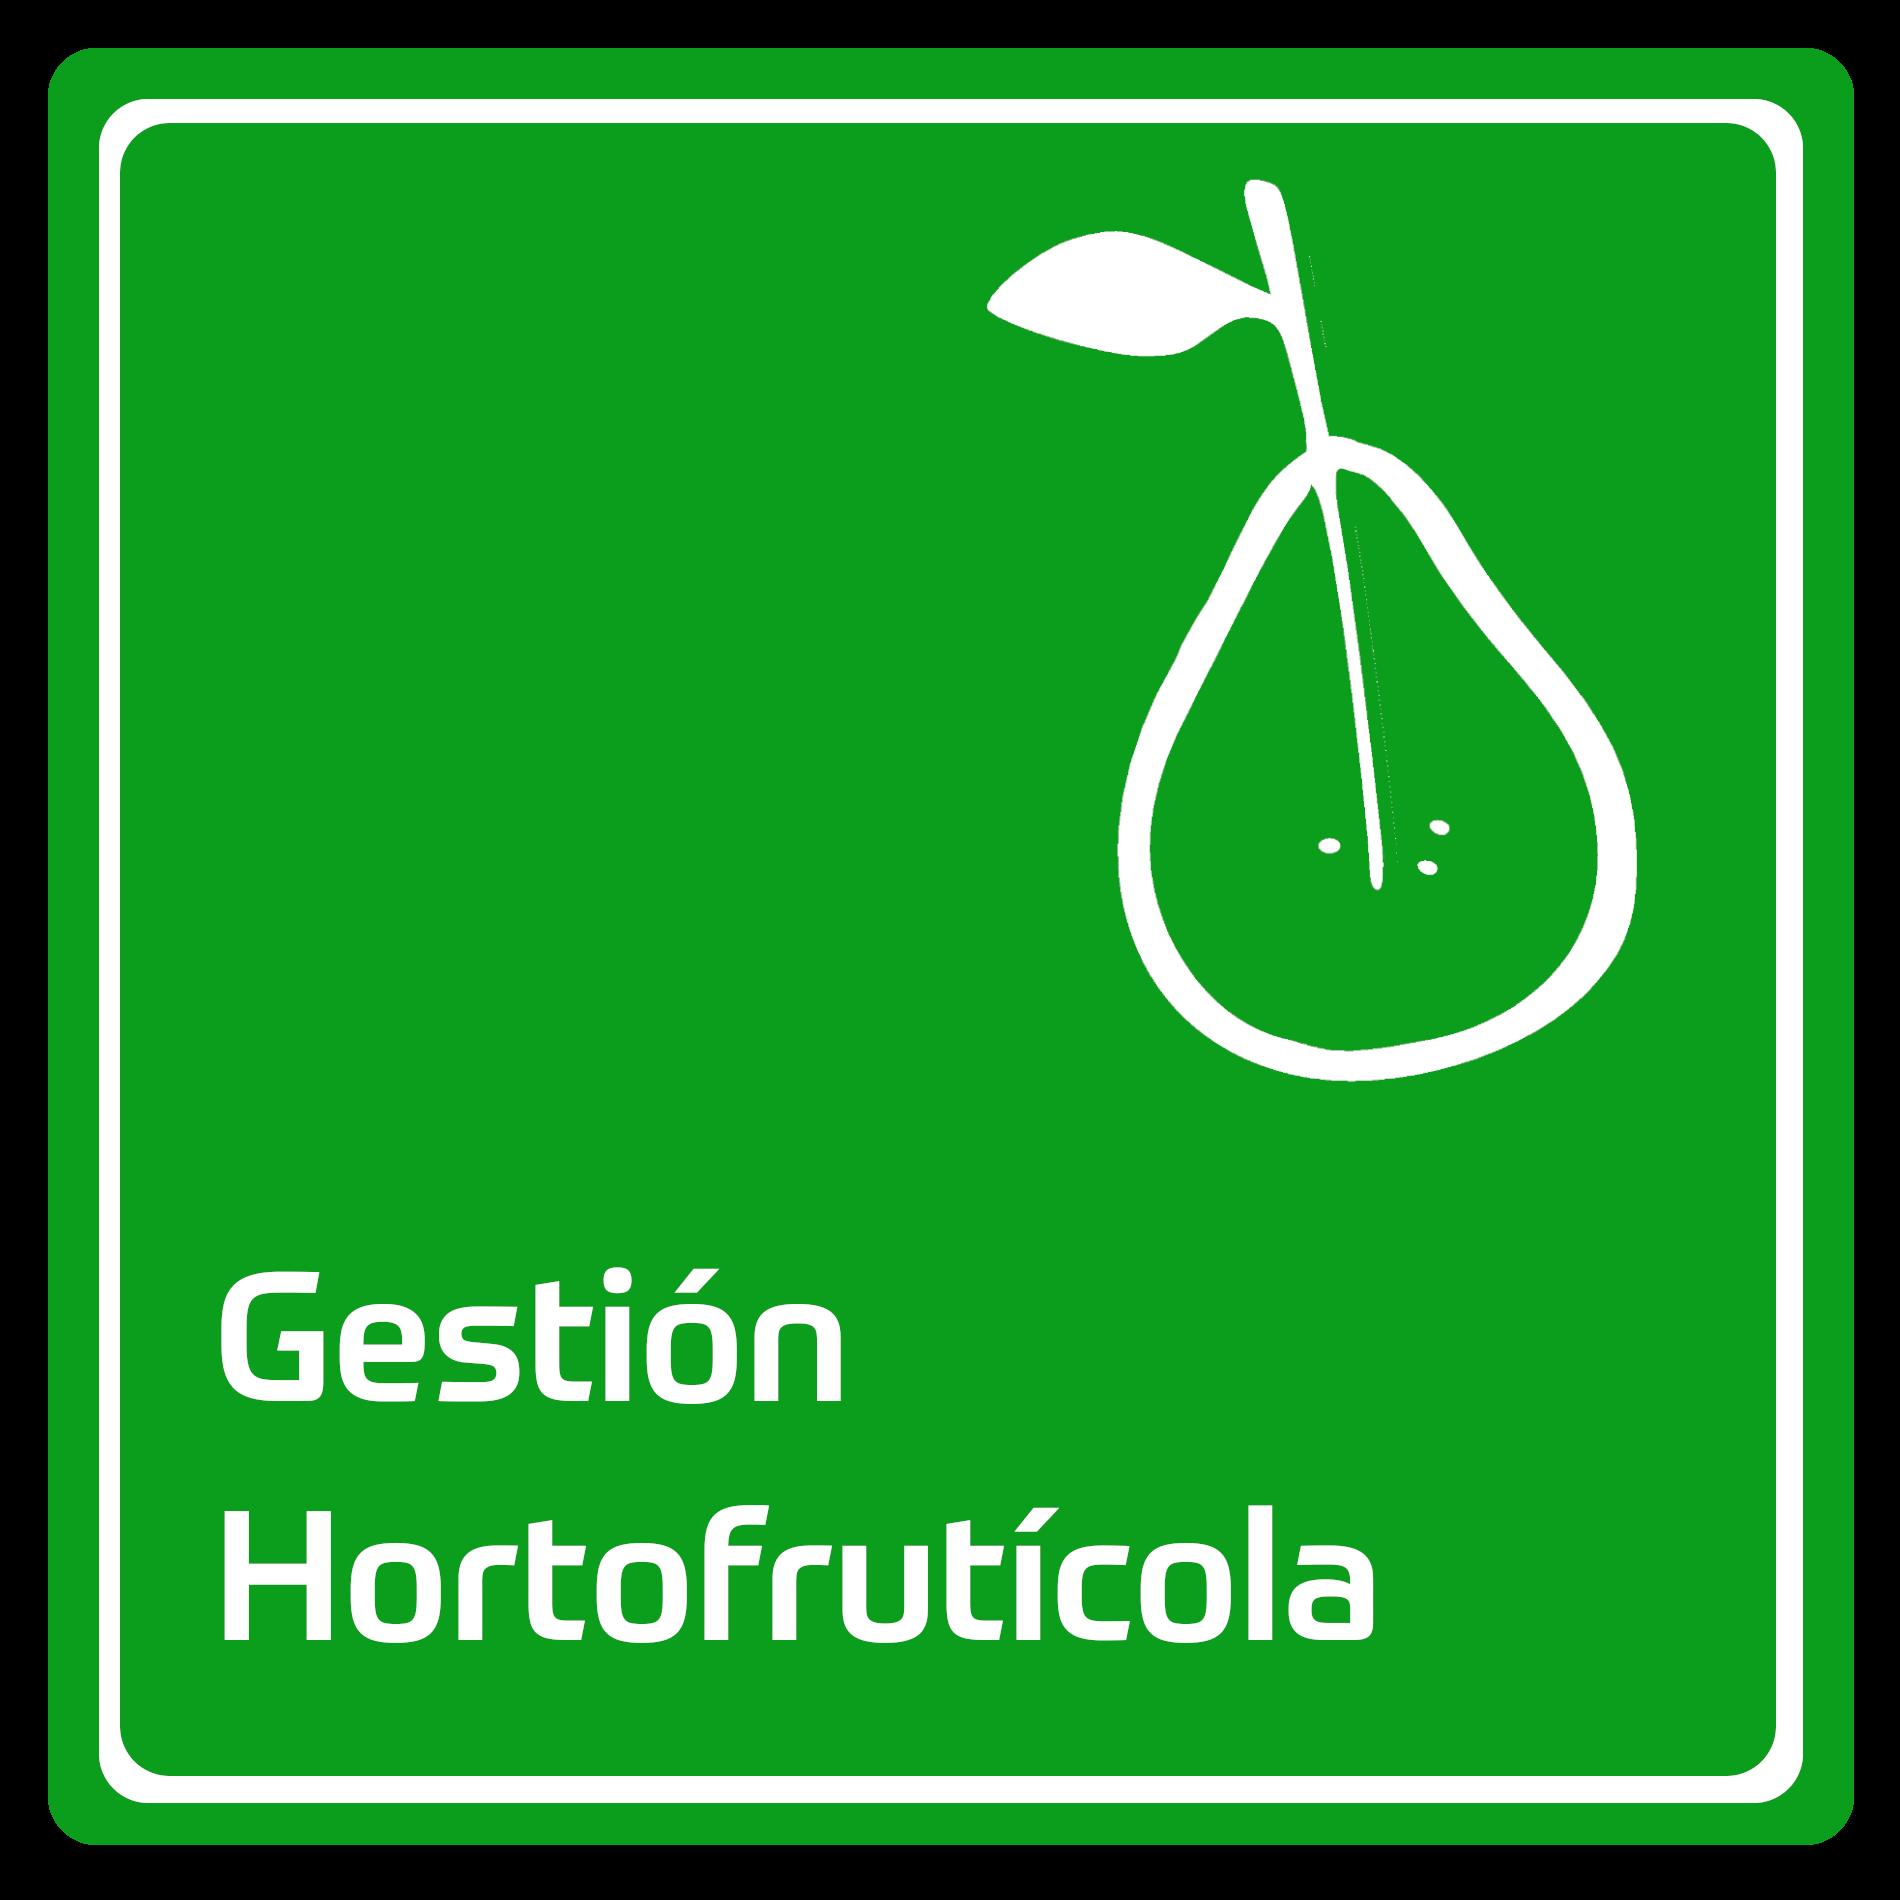 Gestión Hortofrutícola